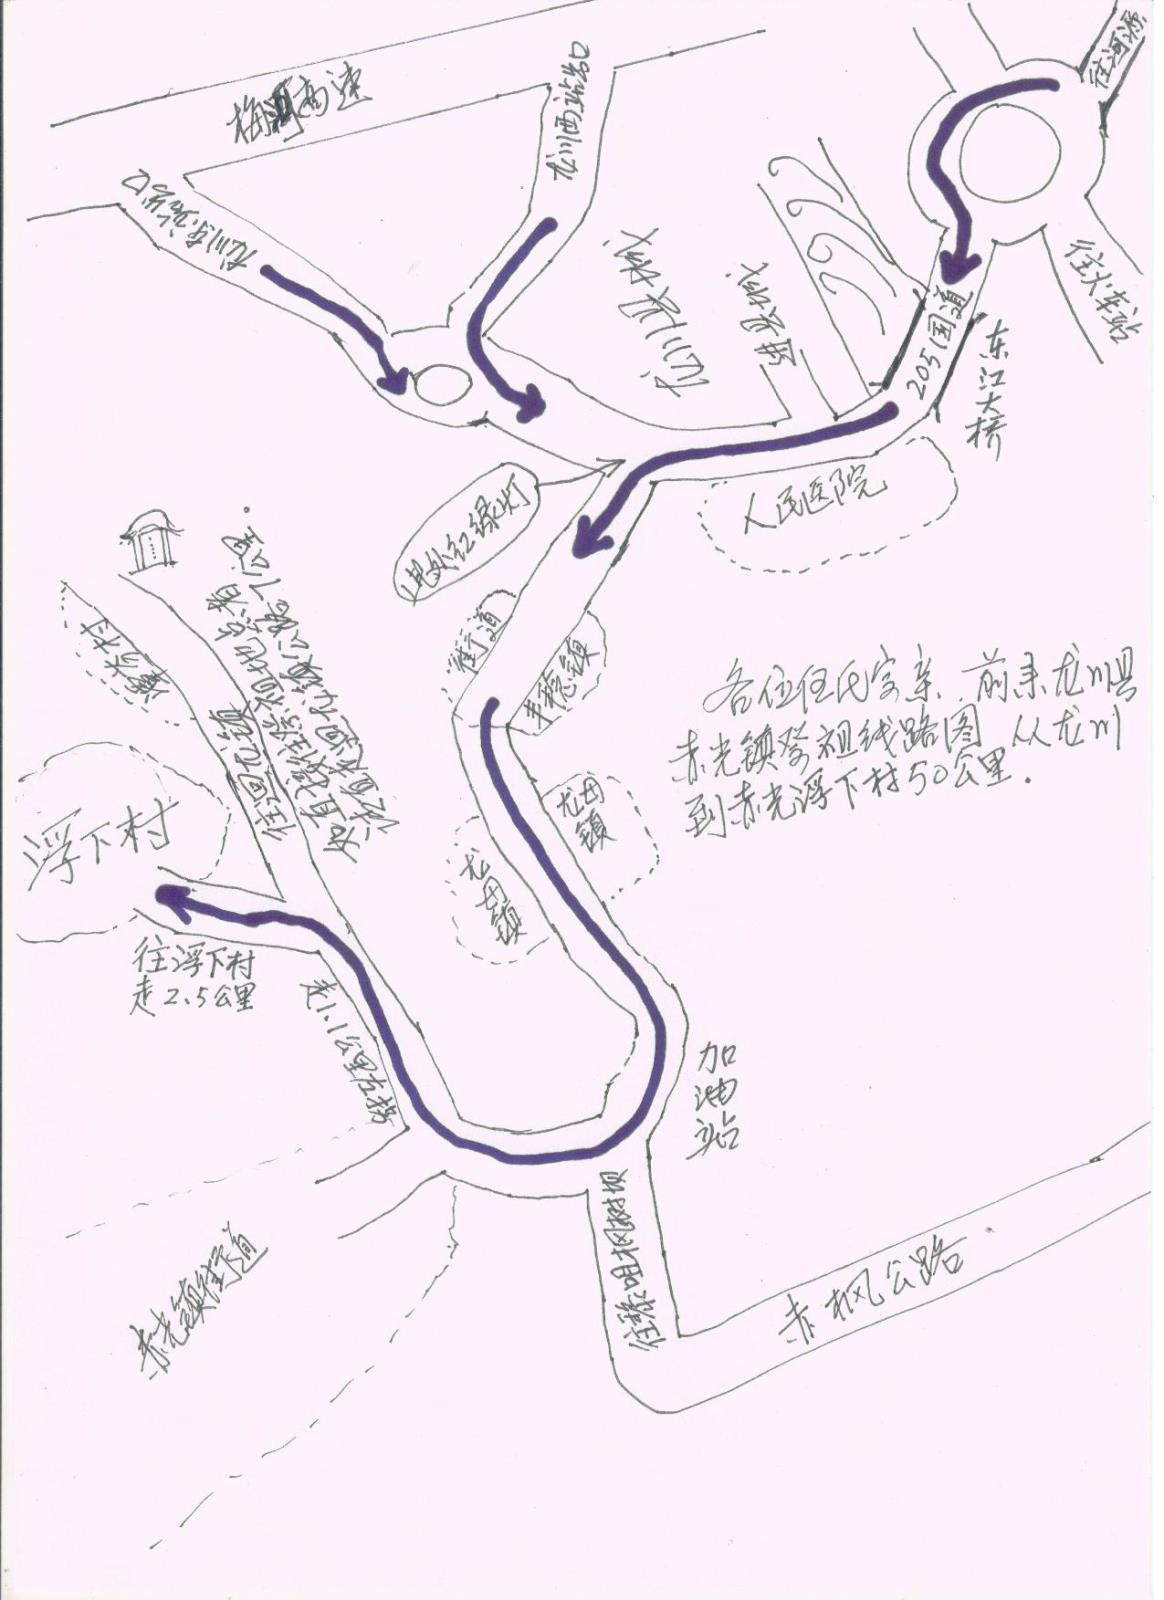 广东河源龙川县伍氏园坟祭祖活动